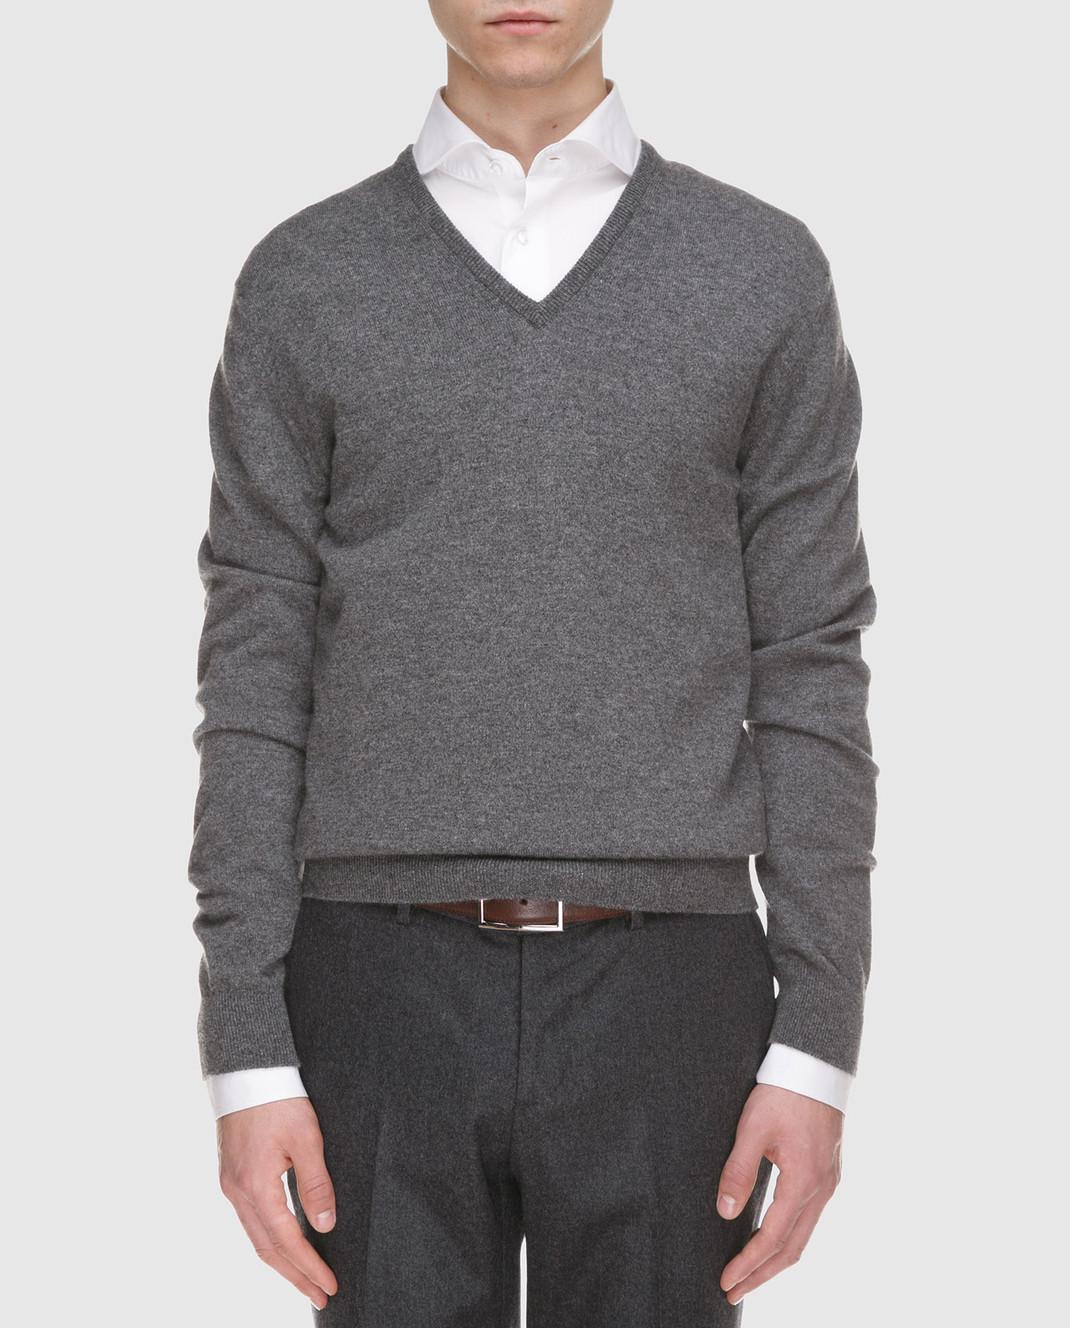 Johnstons Серый пуловер из кашемира KAL03406 изображение 3